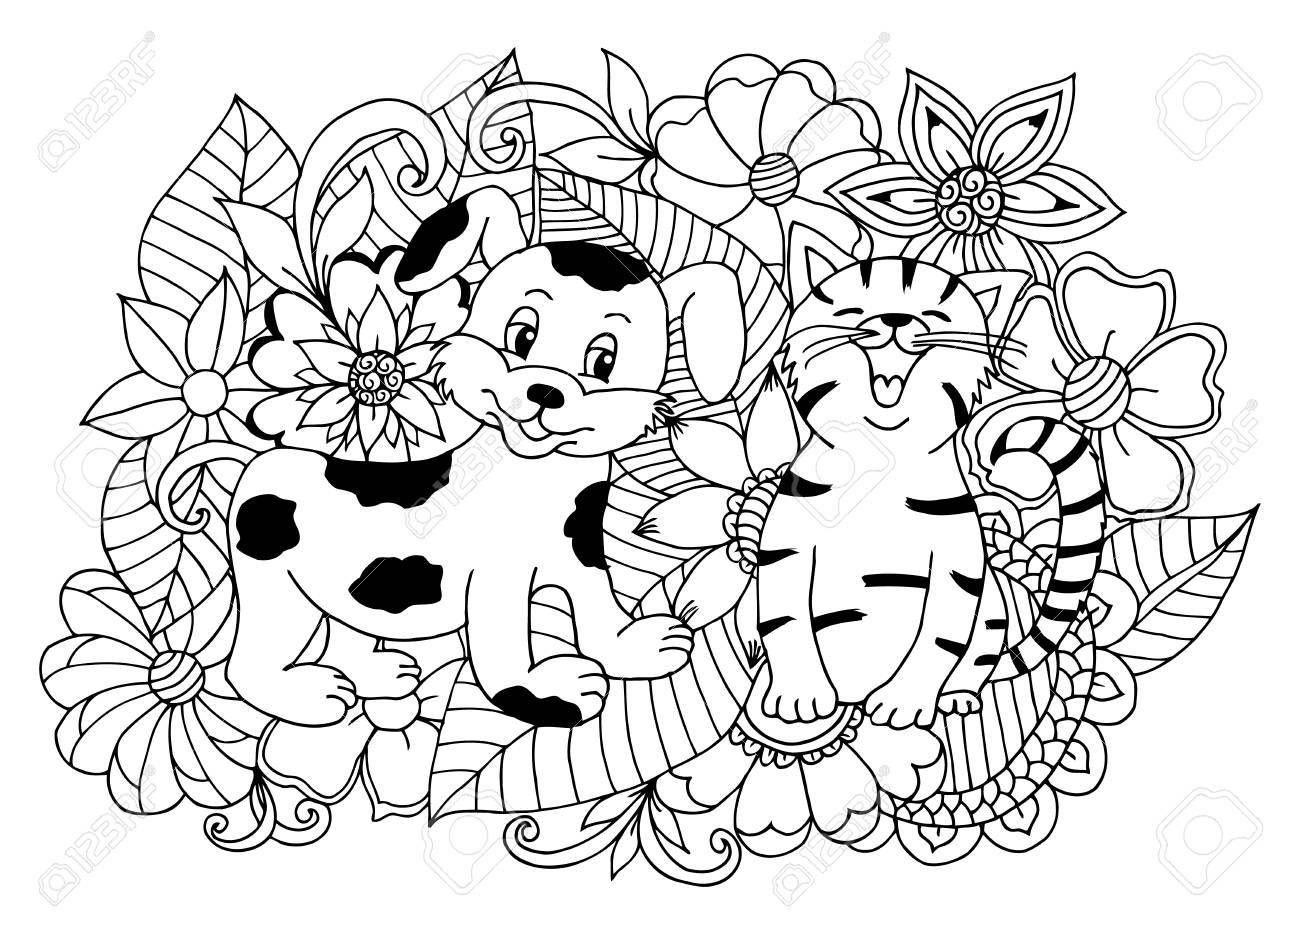 Joyeux Chiot Et Un Chaton Entouré De Fleurs Travail Effectué à La Main Coloriage Du Livre Anti Stress Pour Les Adultes Et Les Enfants Noir Et